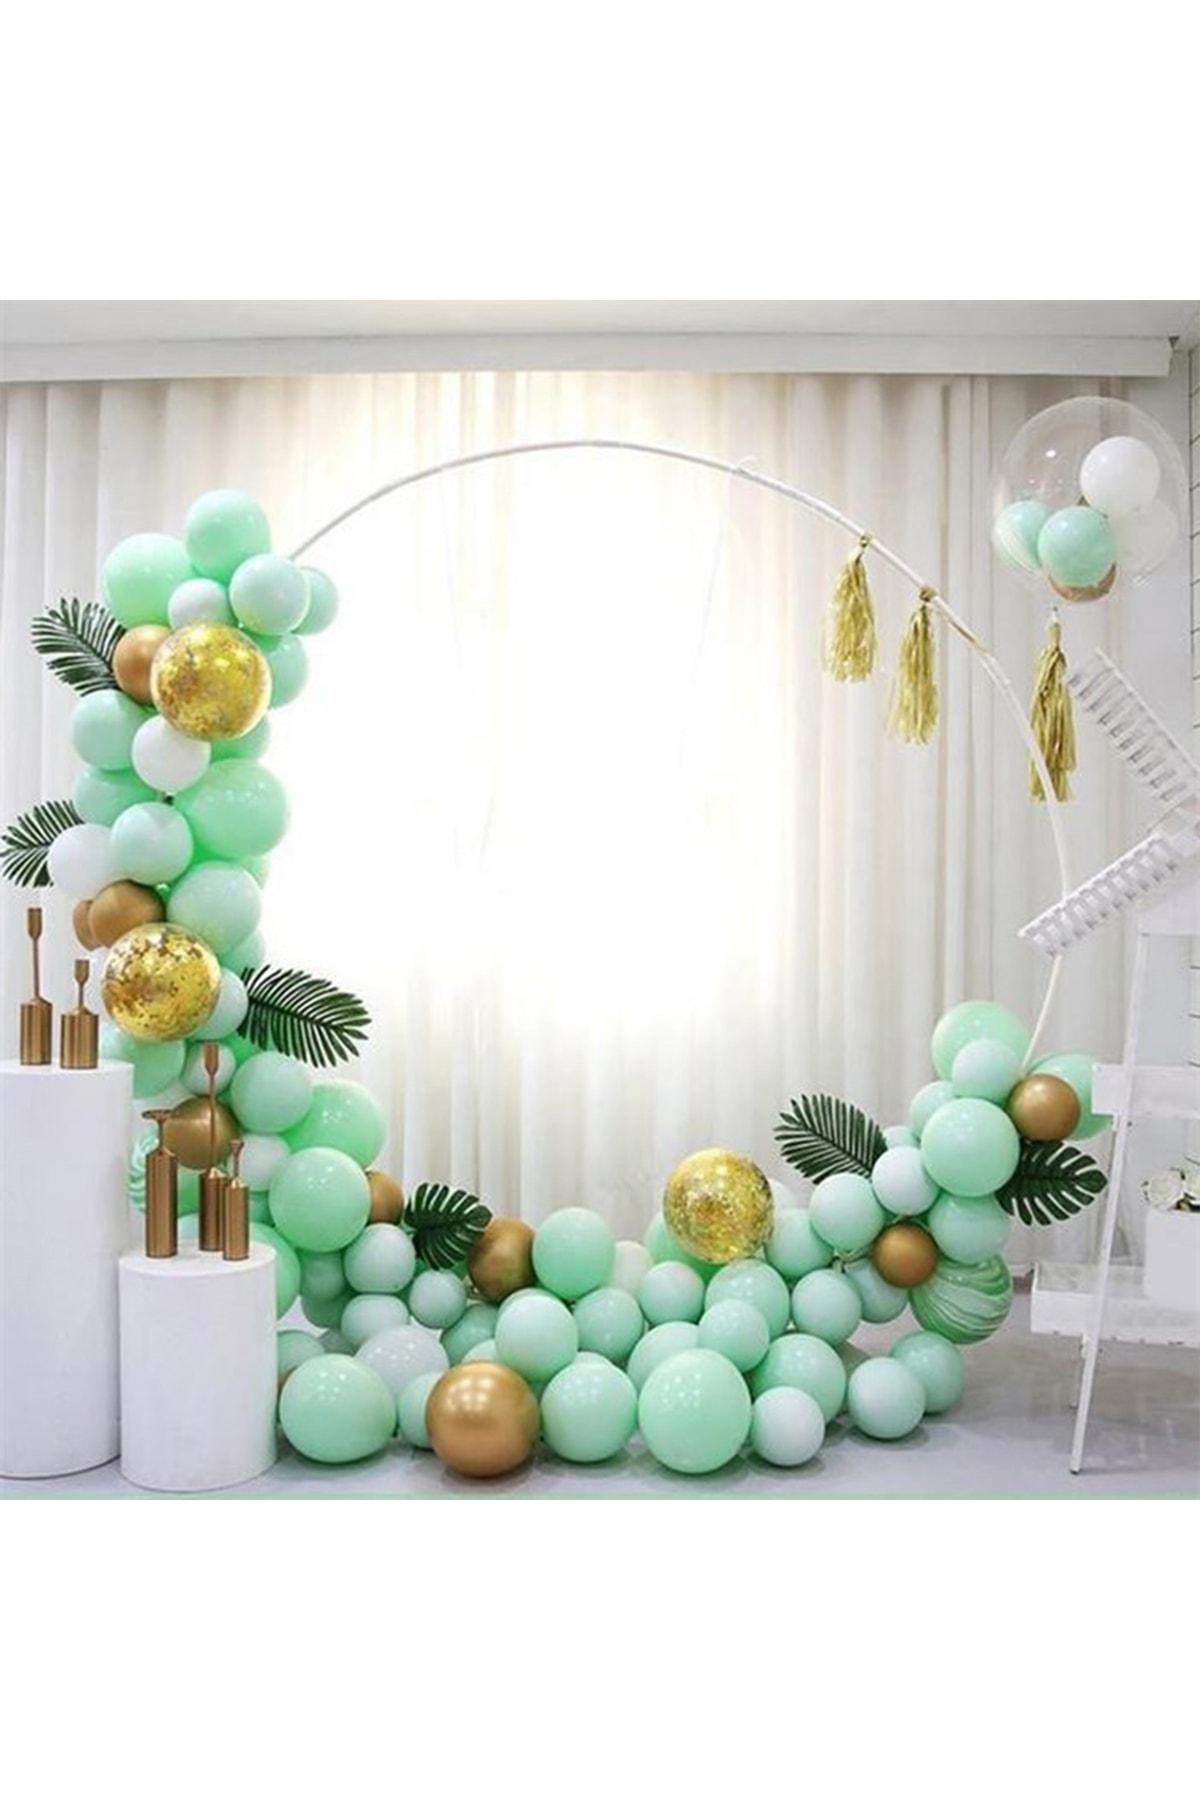 Mint Yeşili Makaron Gold Krom Konfetili Balon Zincir Seti